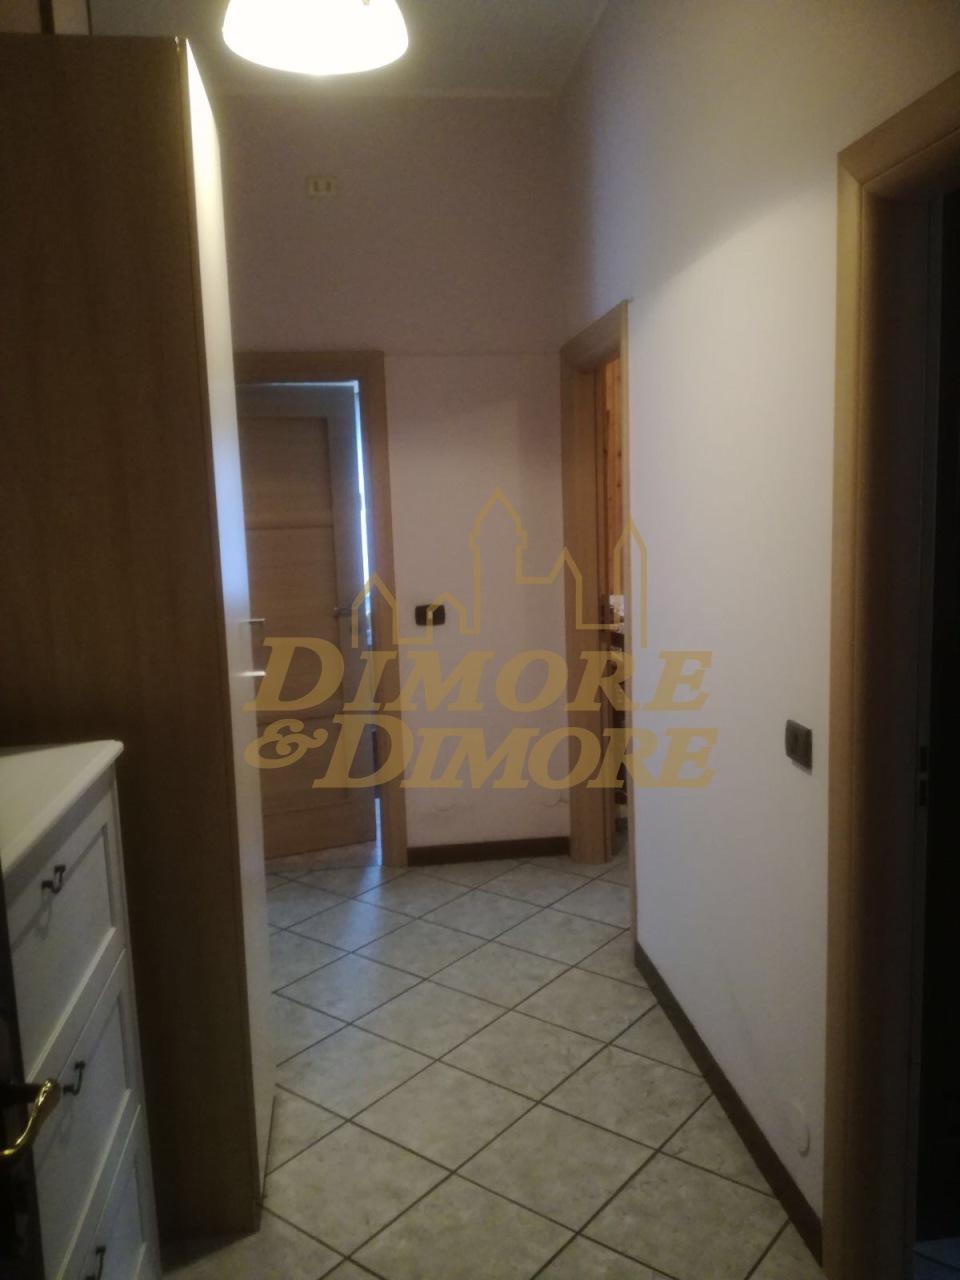 Appartamenti e Attici VERBANIA vendita    Dimore & Dimore